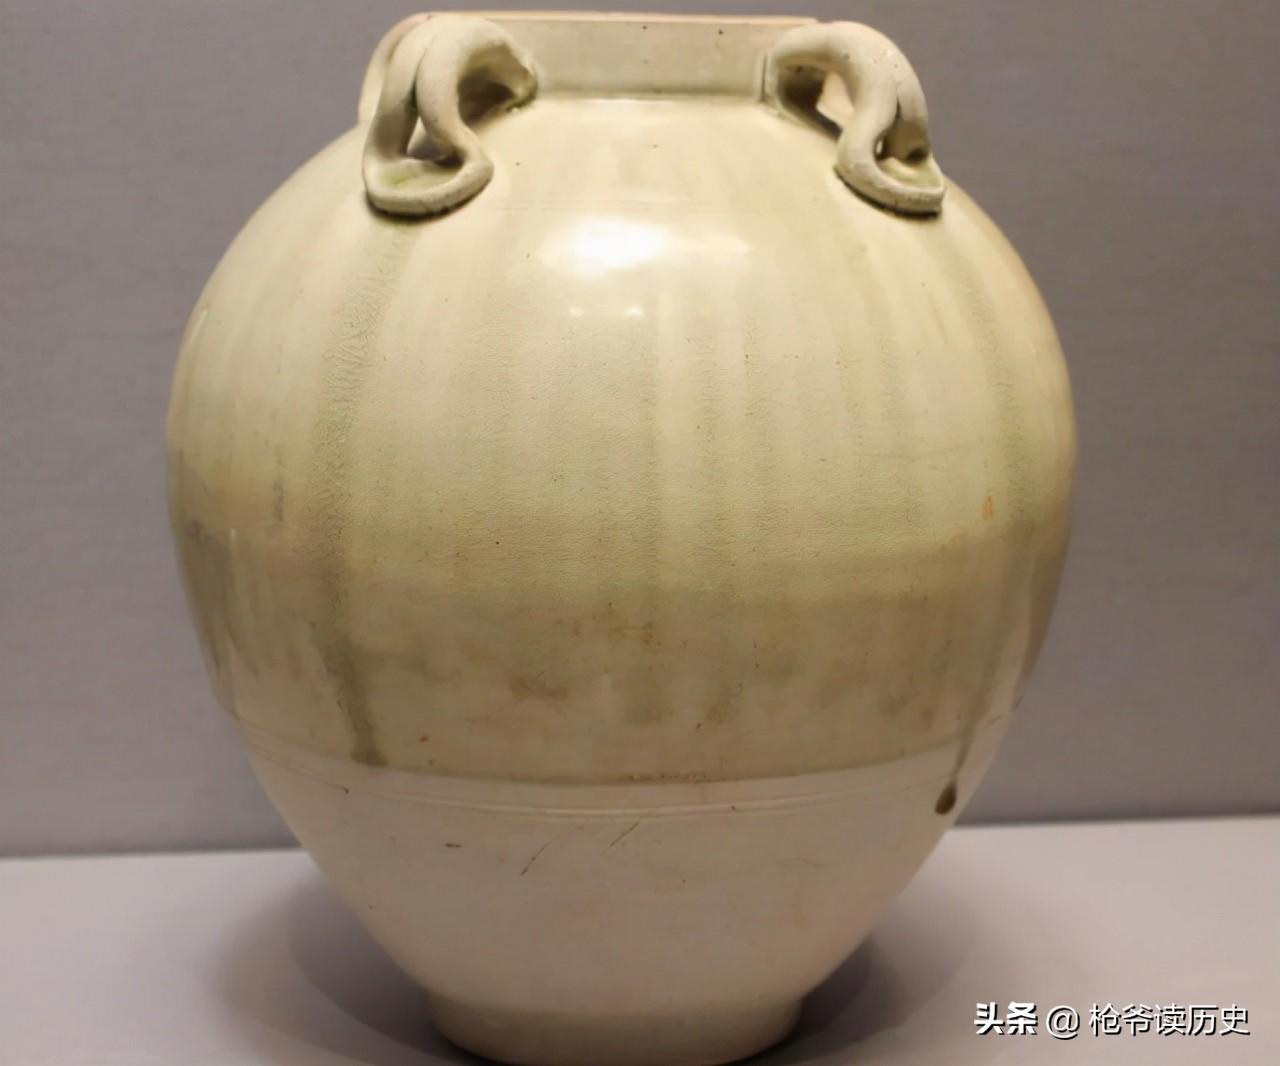 中国最早的瓷器出现在什么时代?是如何发展的?